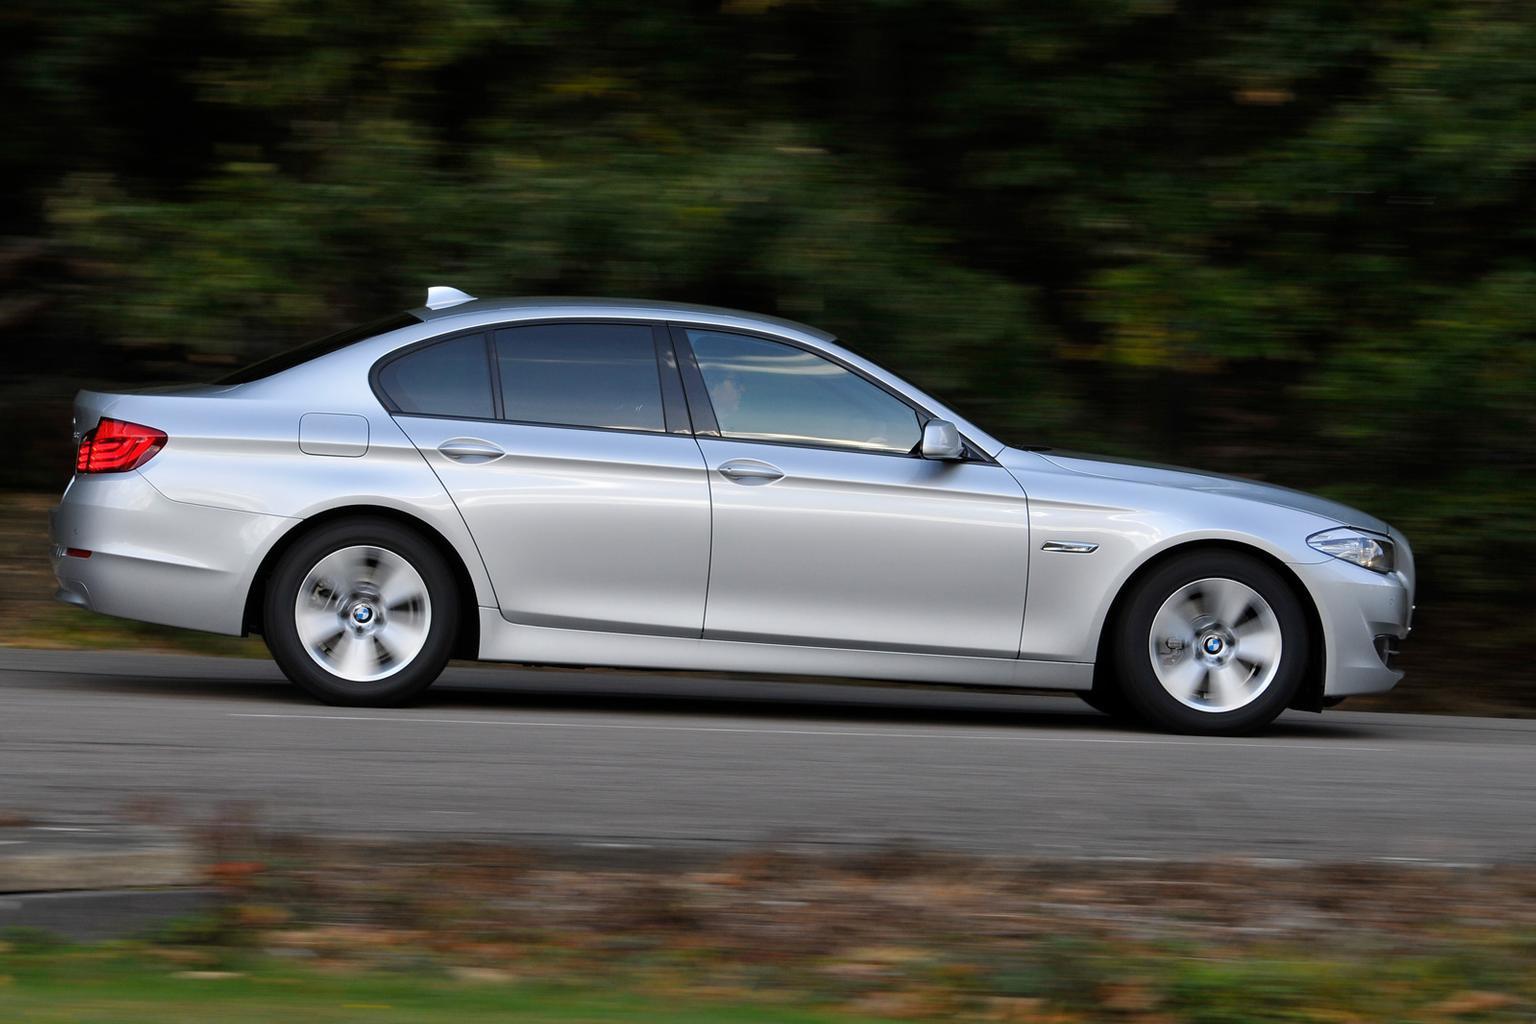 Deals: Big discounts on BMW 5 Series and Jaguar XFs